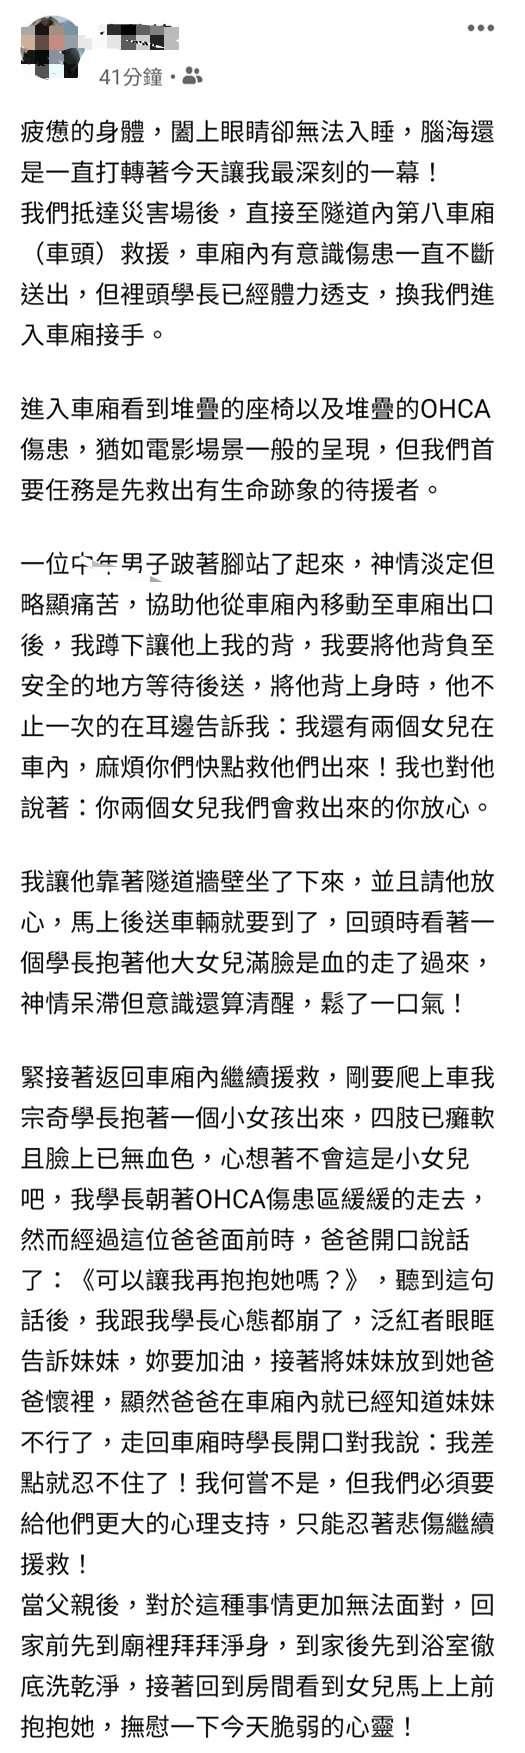 20210403-太魯閣號列車帶走50條人命,有搜救隊員在臉書分享現場令人心酸的救援過程,被網友轉發至「爆廢1公社」臉書社團。(取自爆廢1公社臉書)